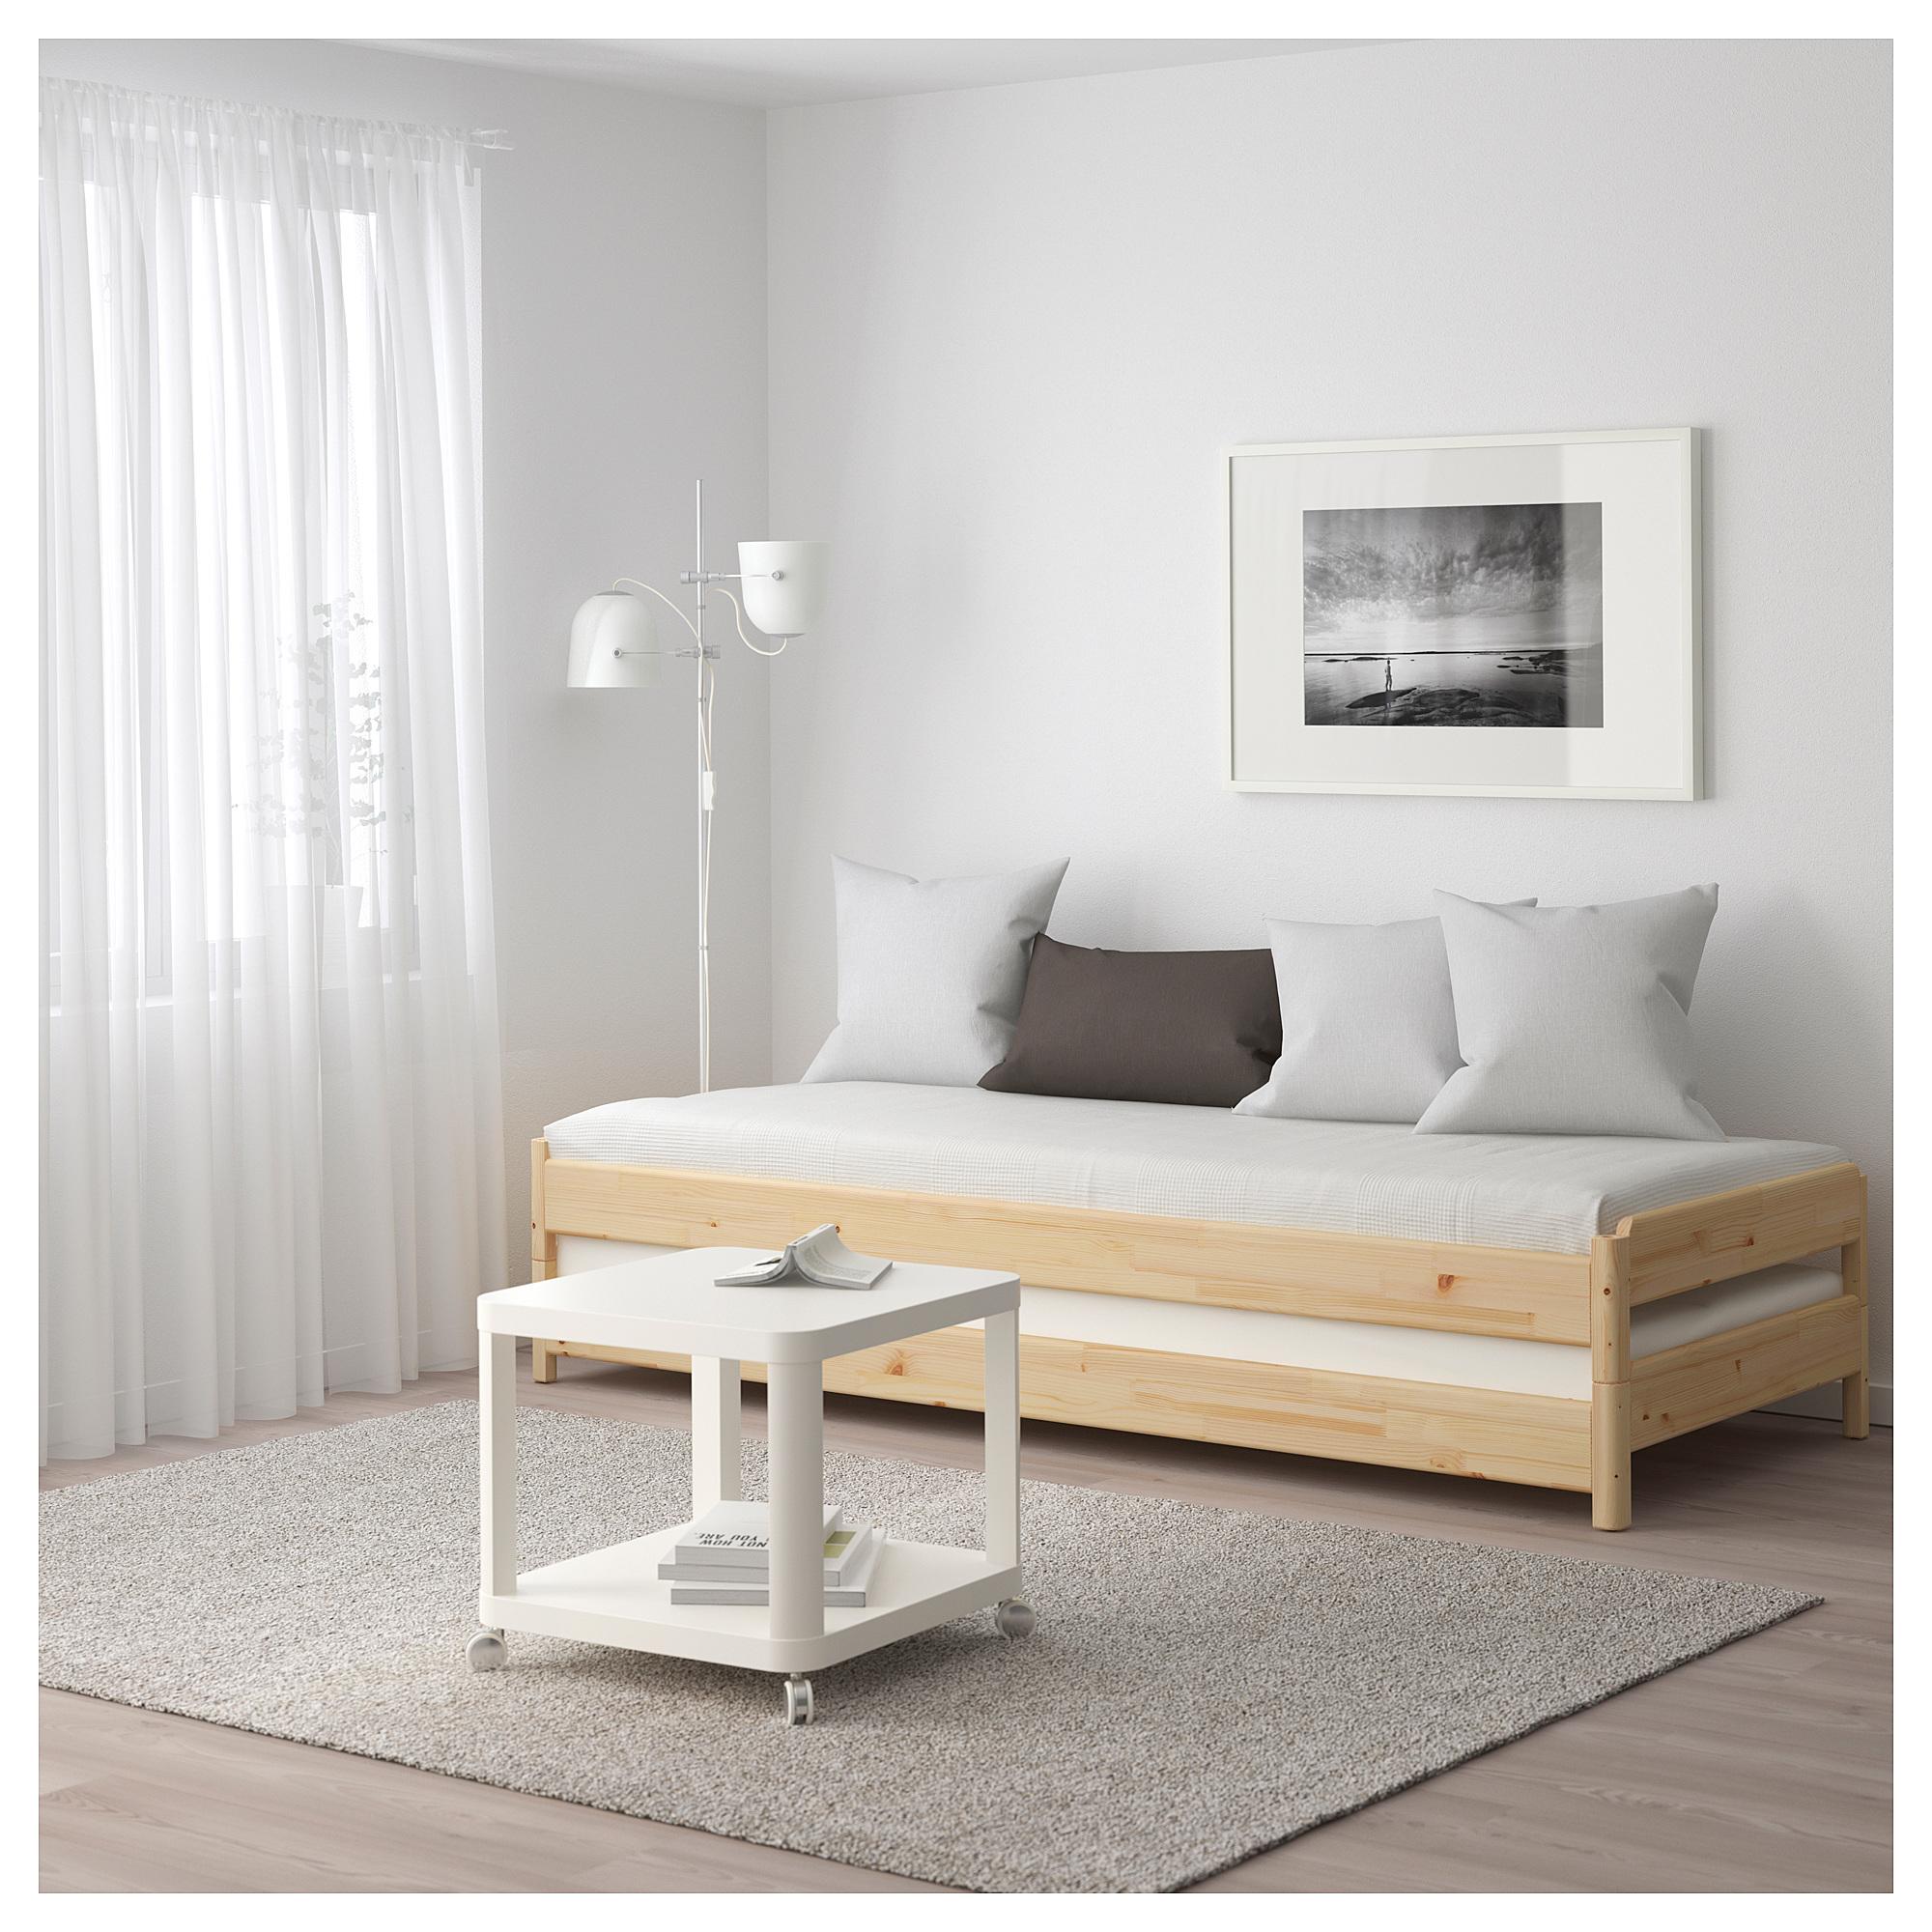 Купить недорого кровать IKEA